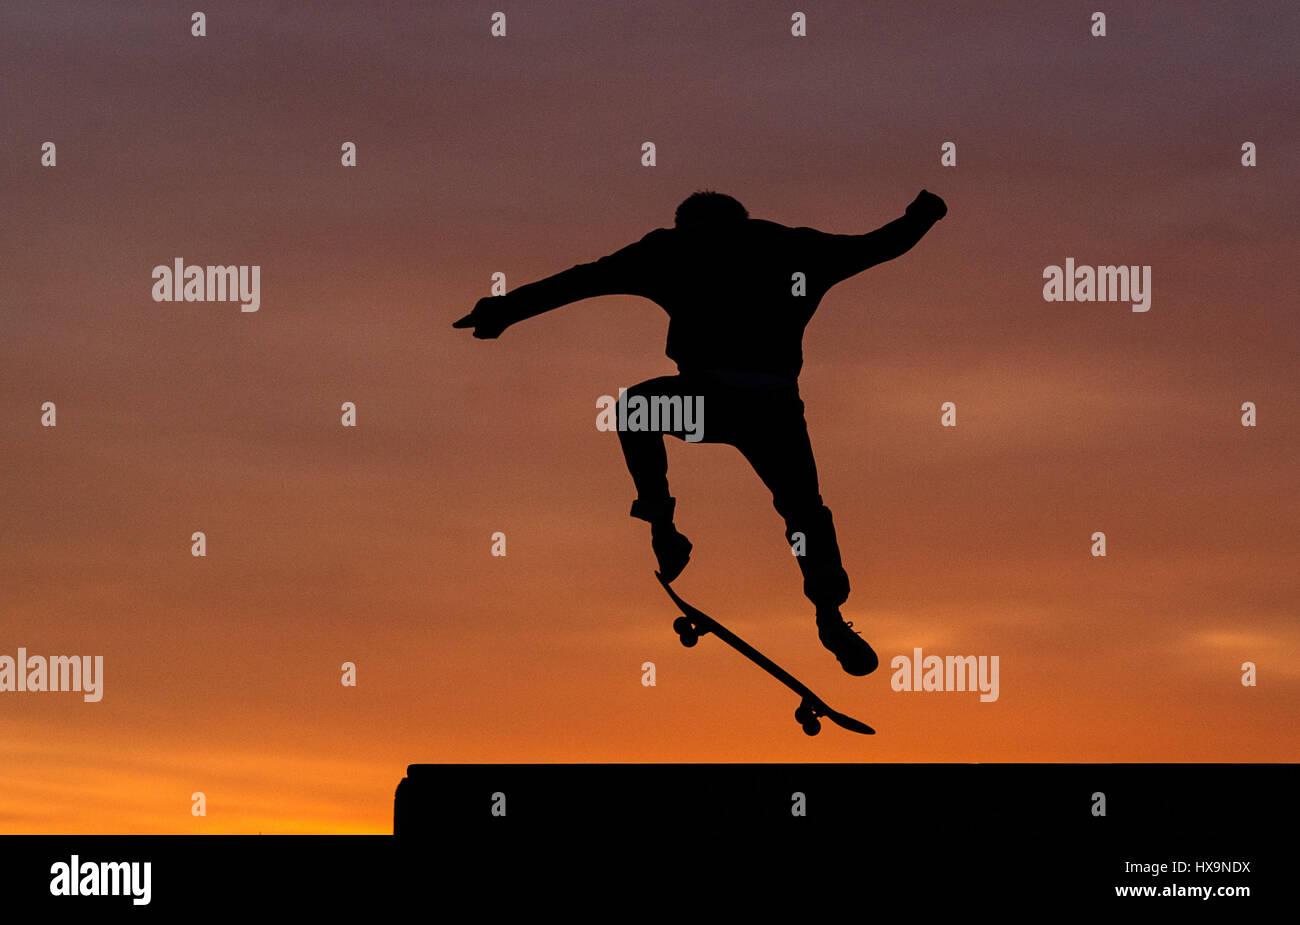 Berlin, Deutschland. 25. März 2017. Ein Skater in Aktion bei Sonnenuntergang am Tempelhofer Feld (lit.) Tempelhofer Stockfoto